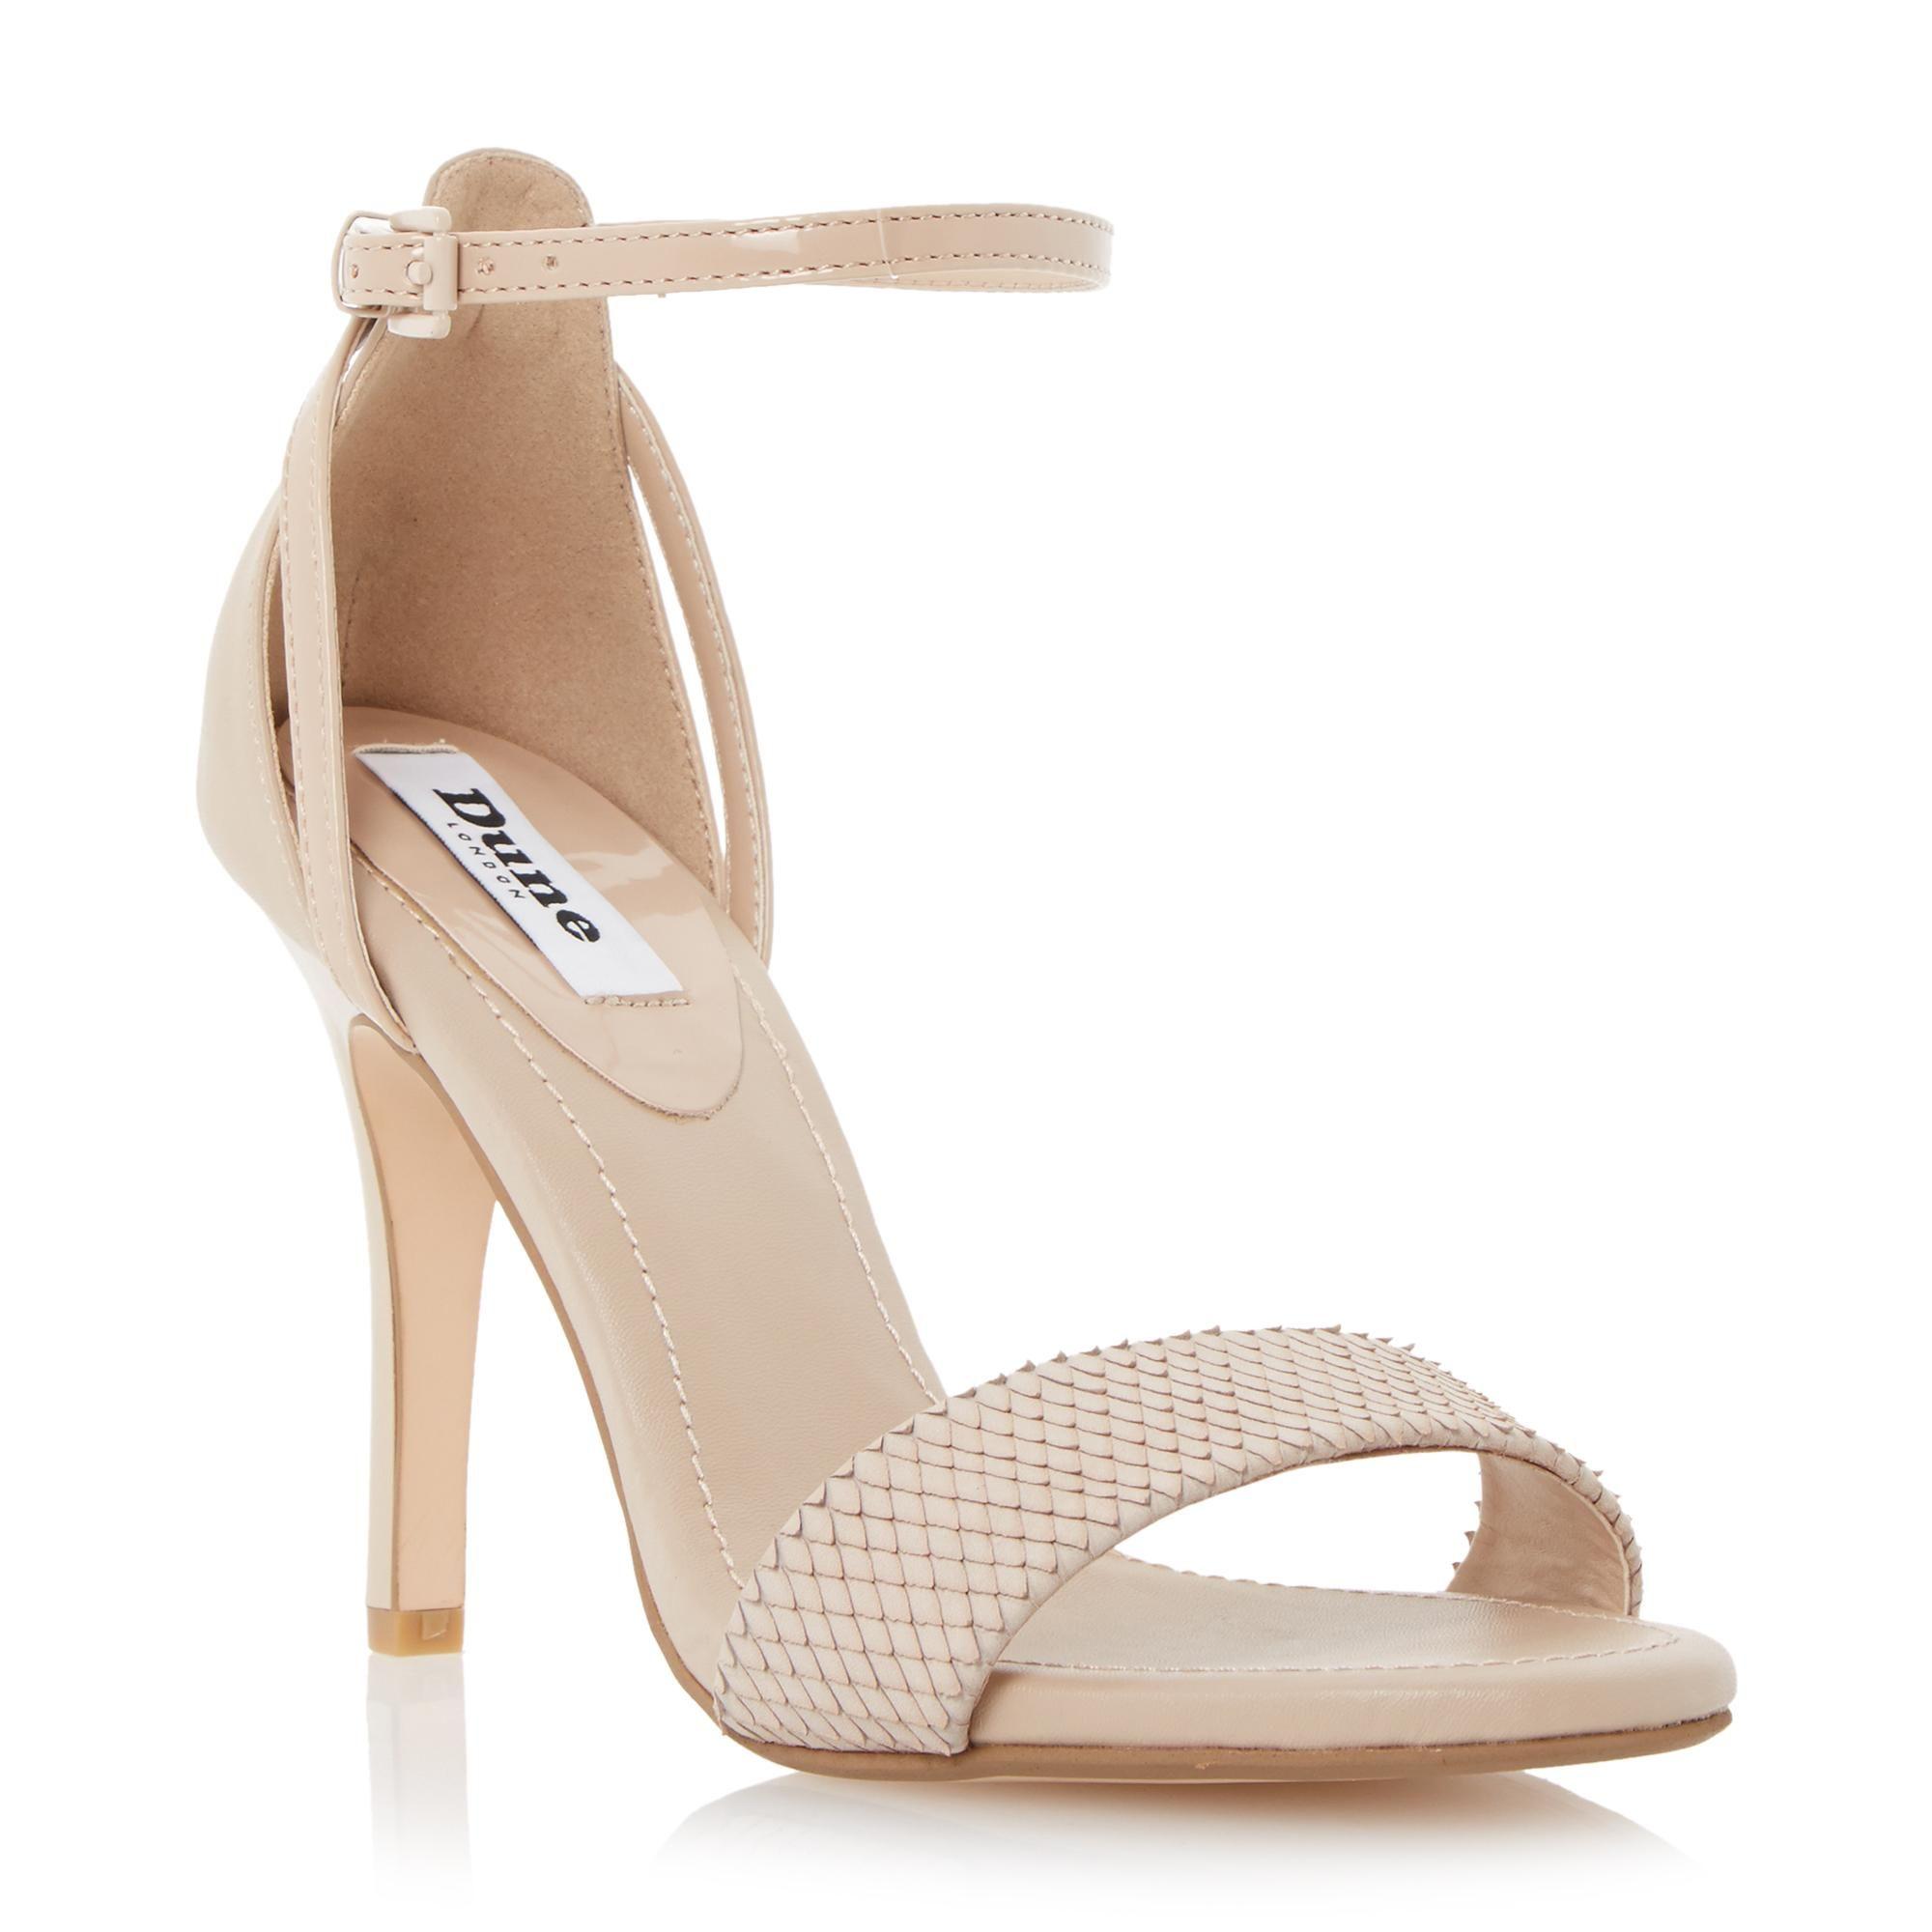 DUNE LADIES MADEIRA Two Part High Heel Sandal